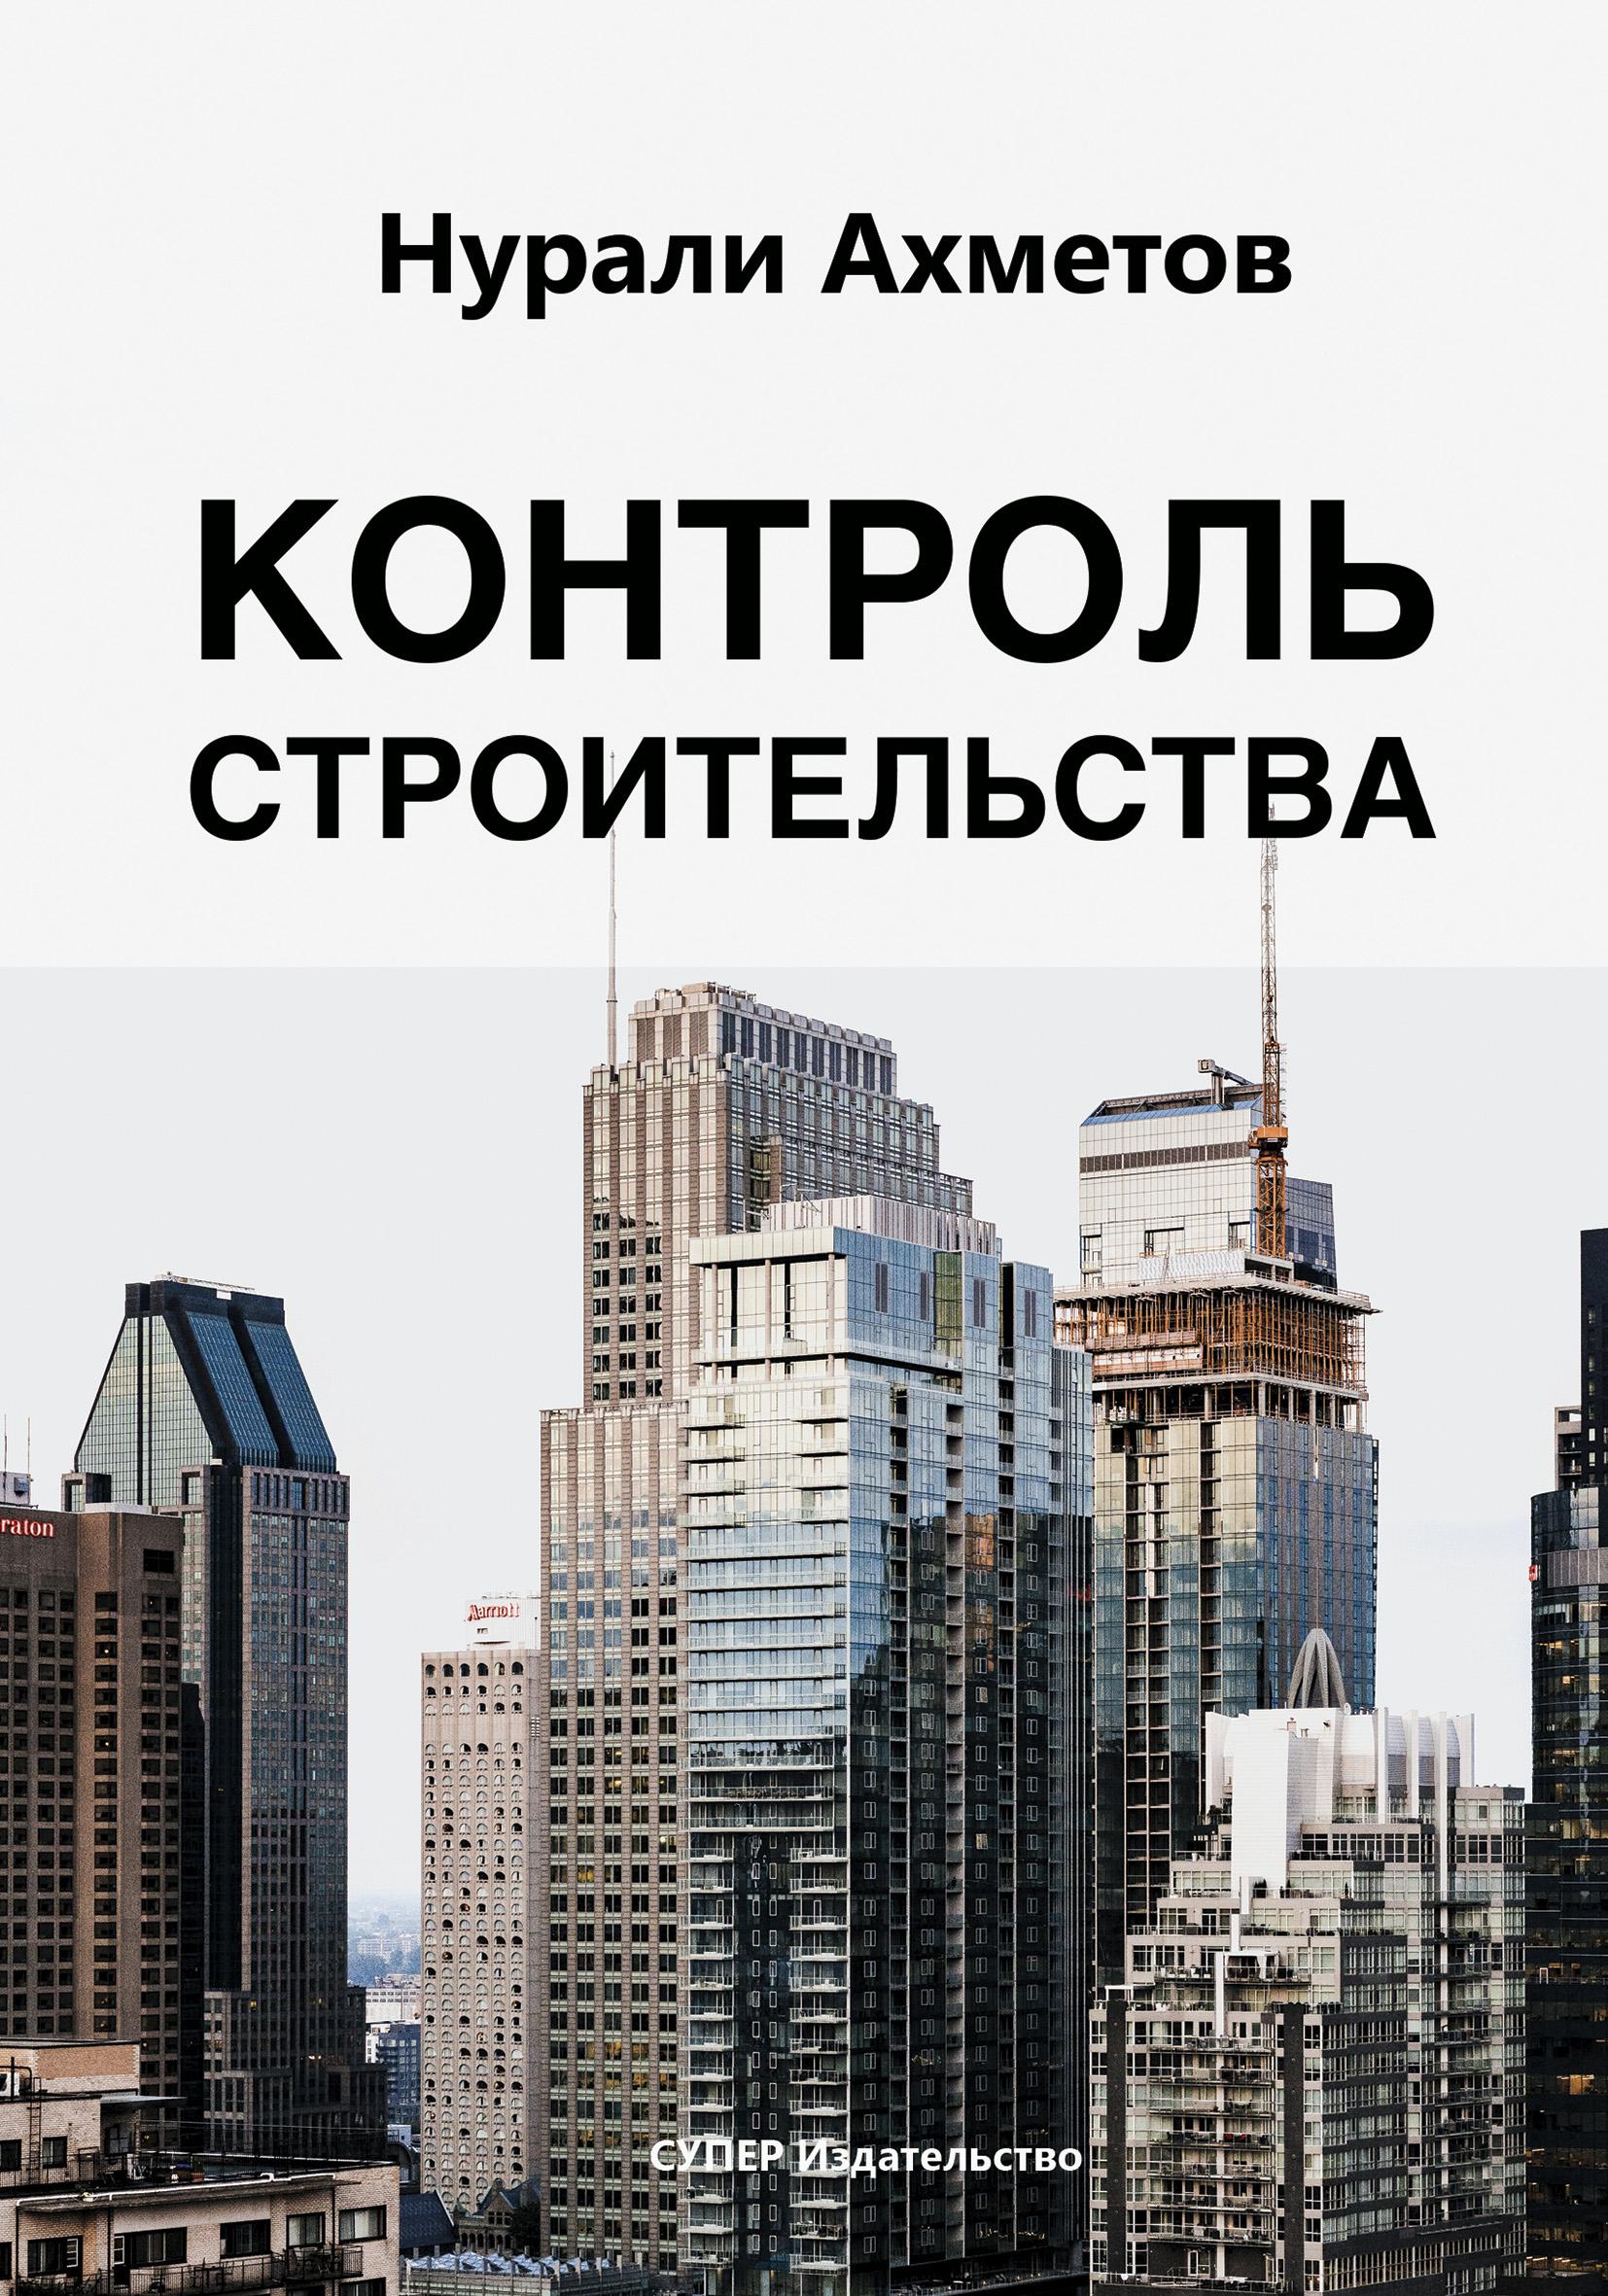 Купить книгу Контроль строительства, автора Нурали Ахметова